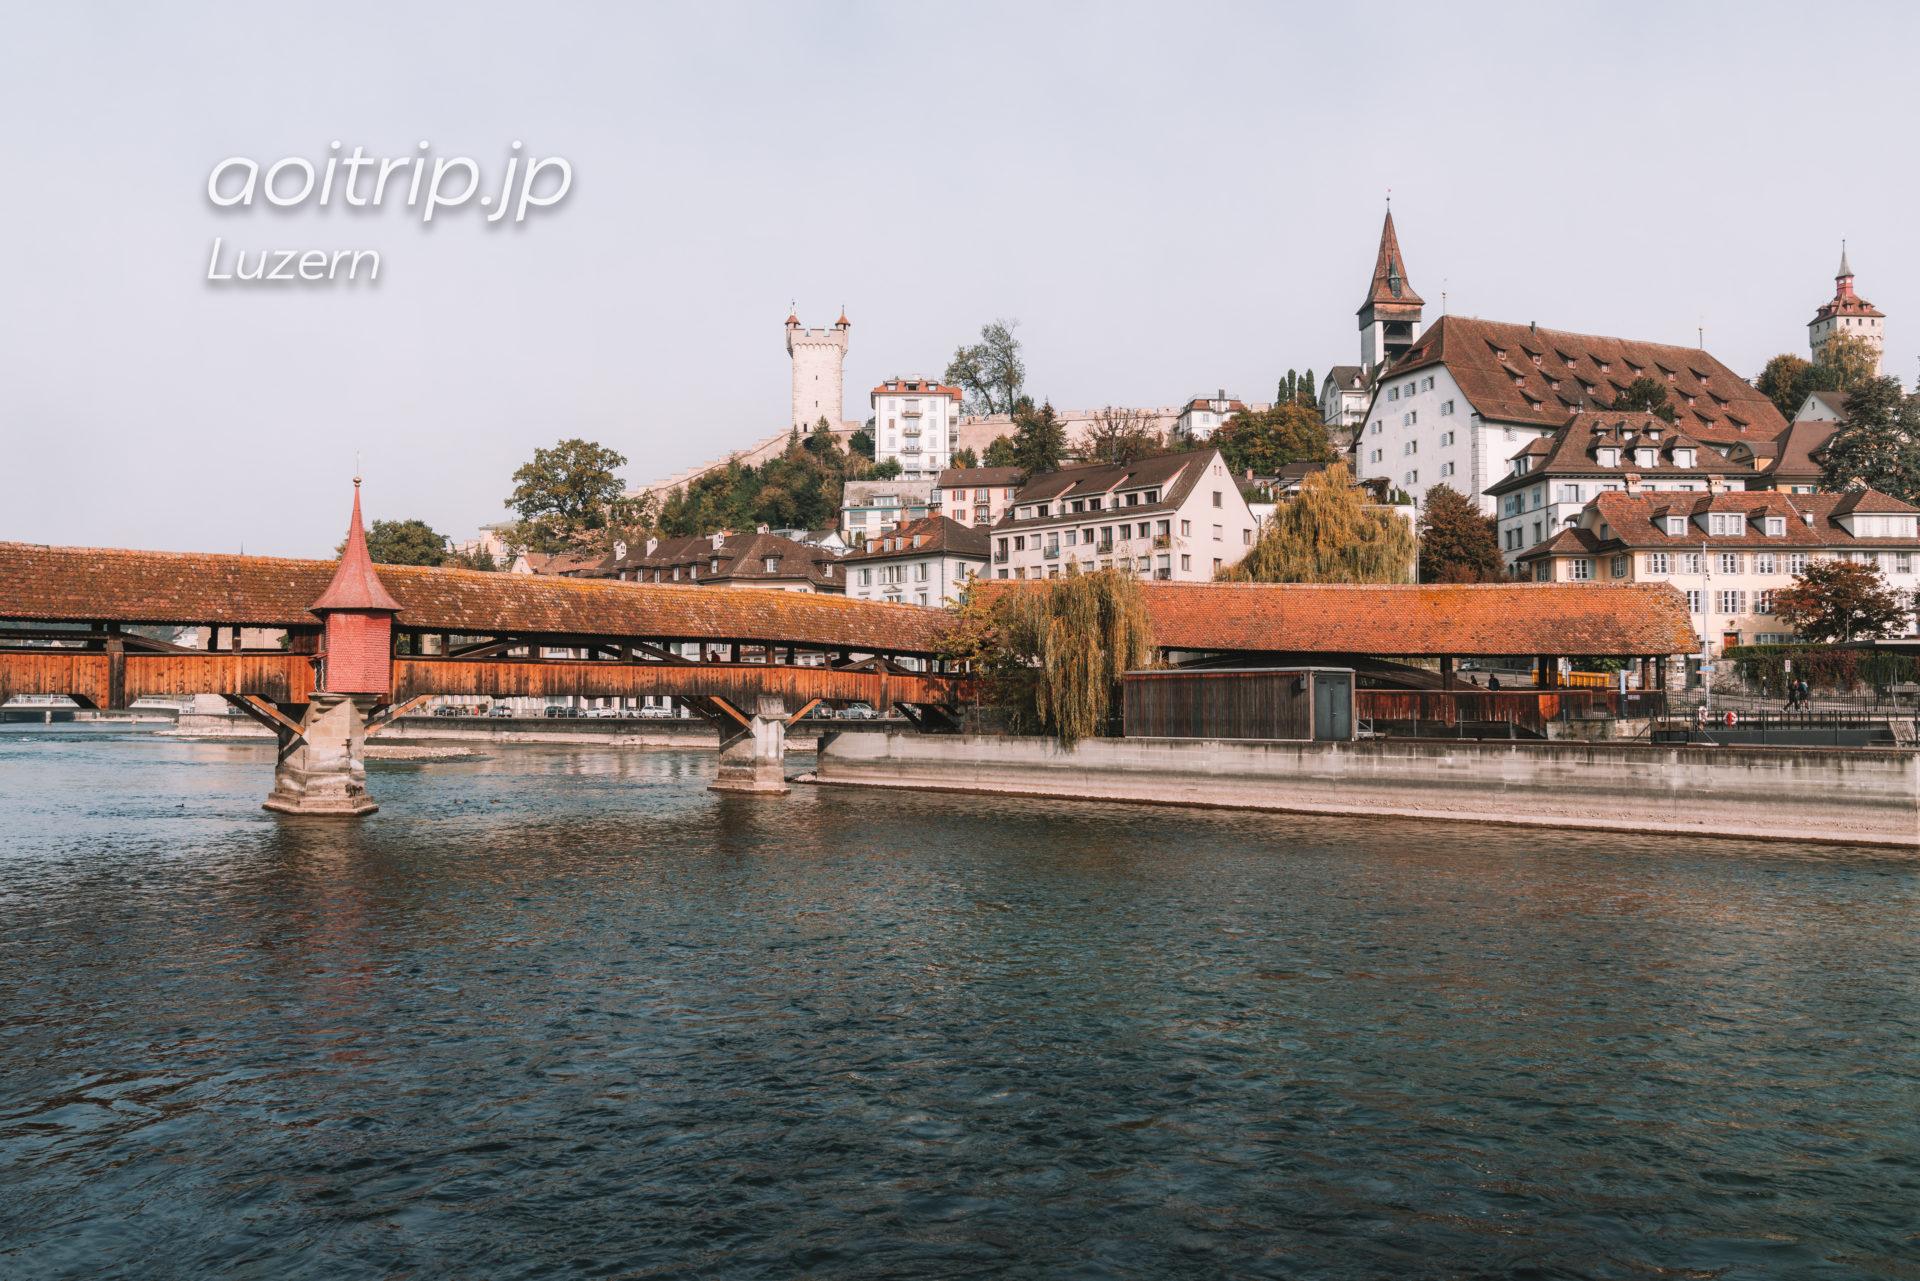 スイス ルツェルンのシュプロイアー橋 Spreuerbrücke